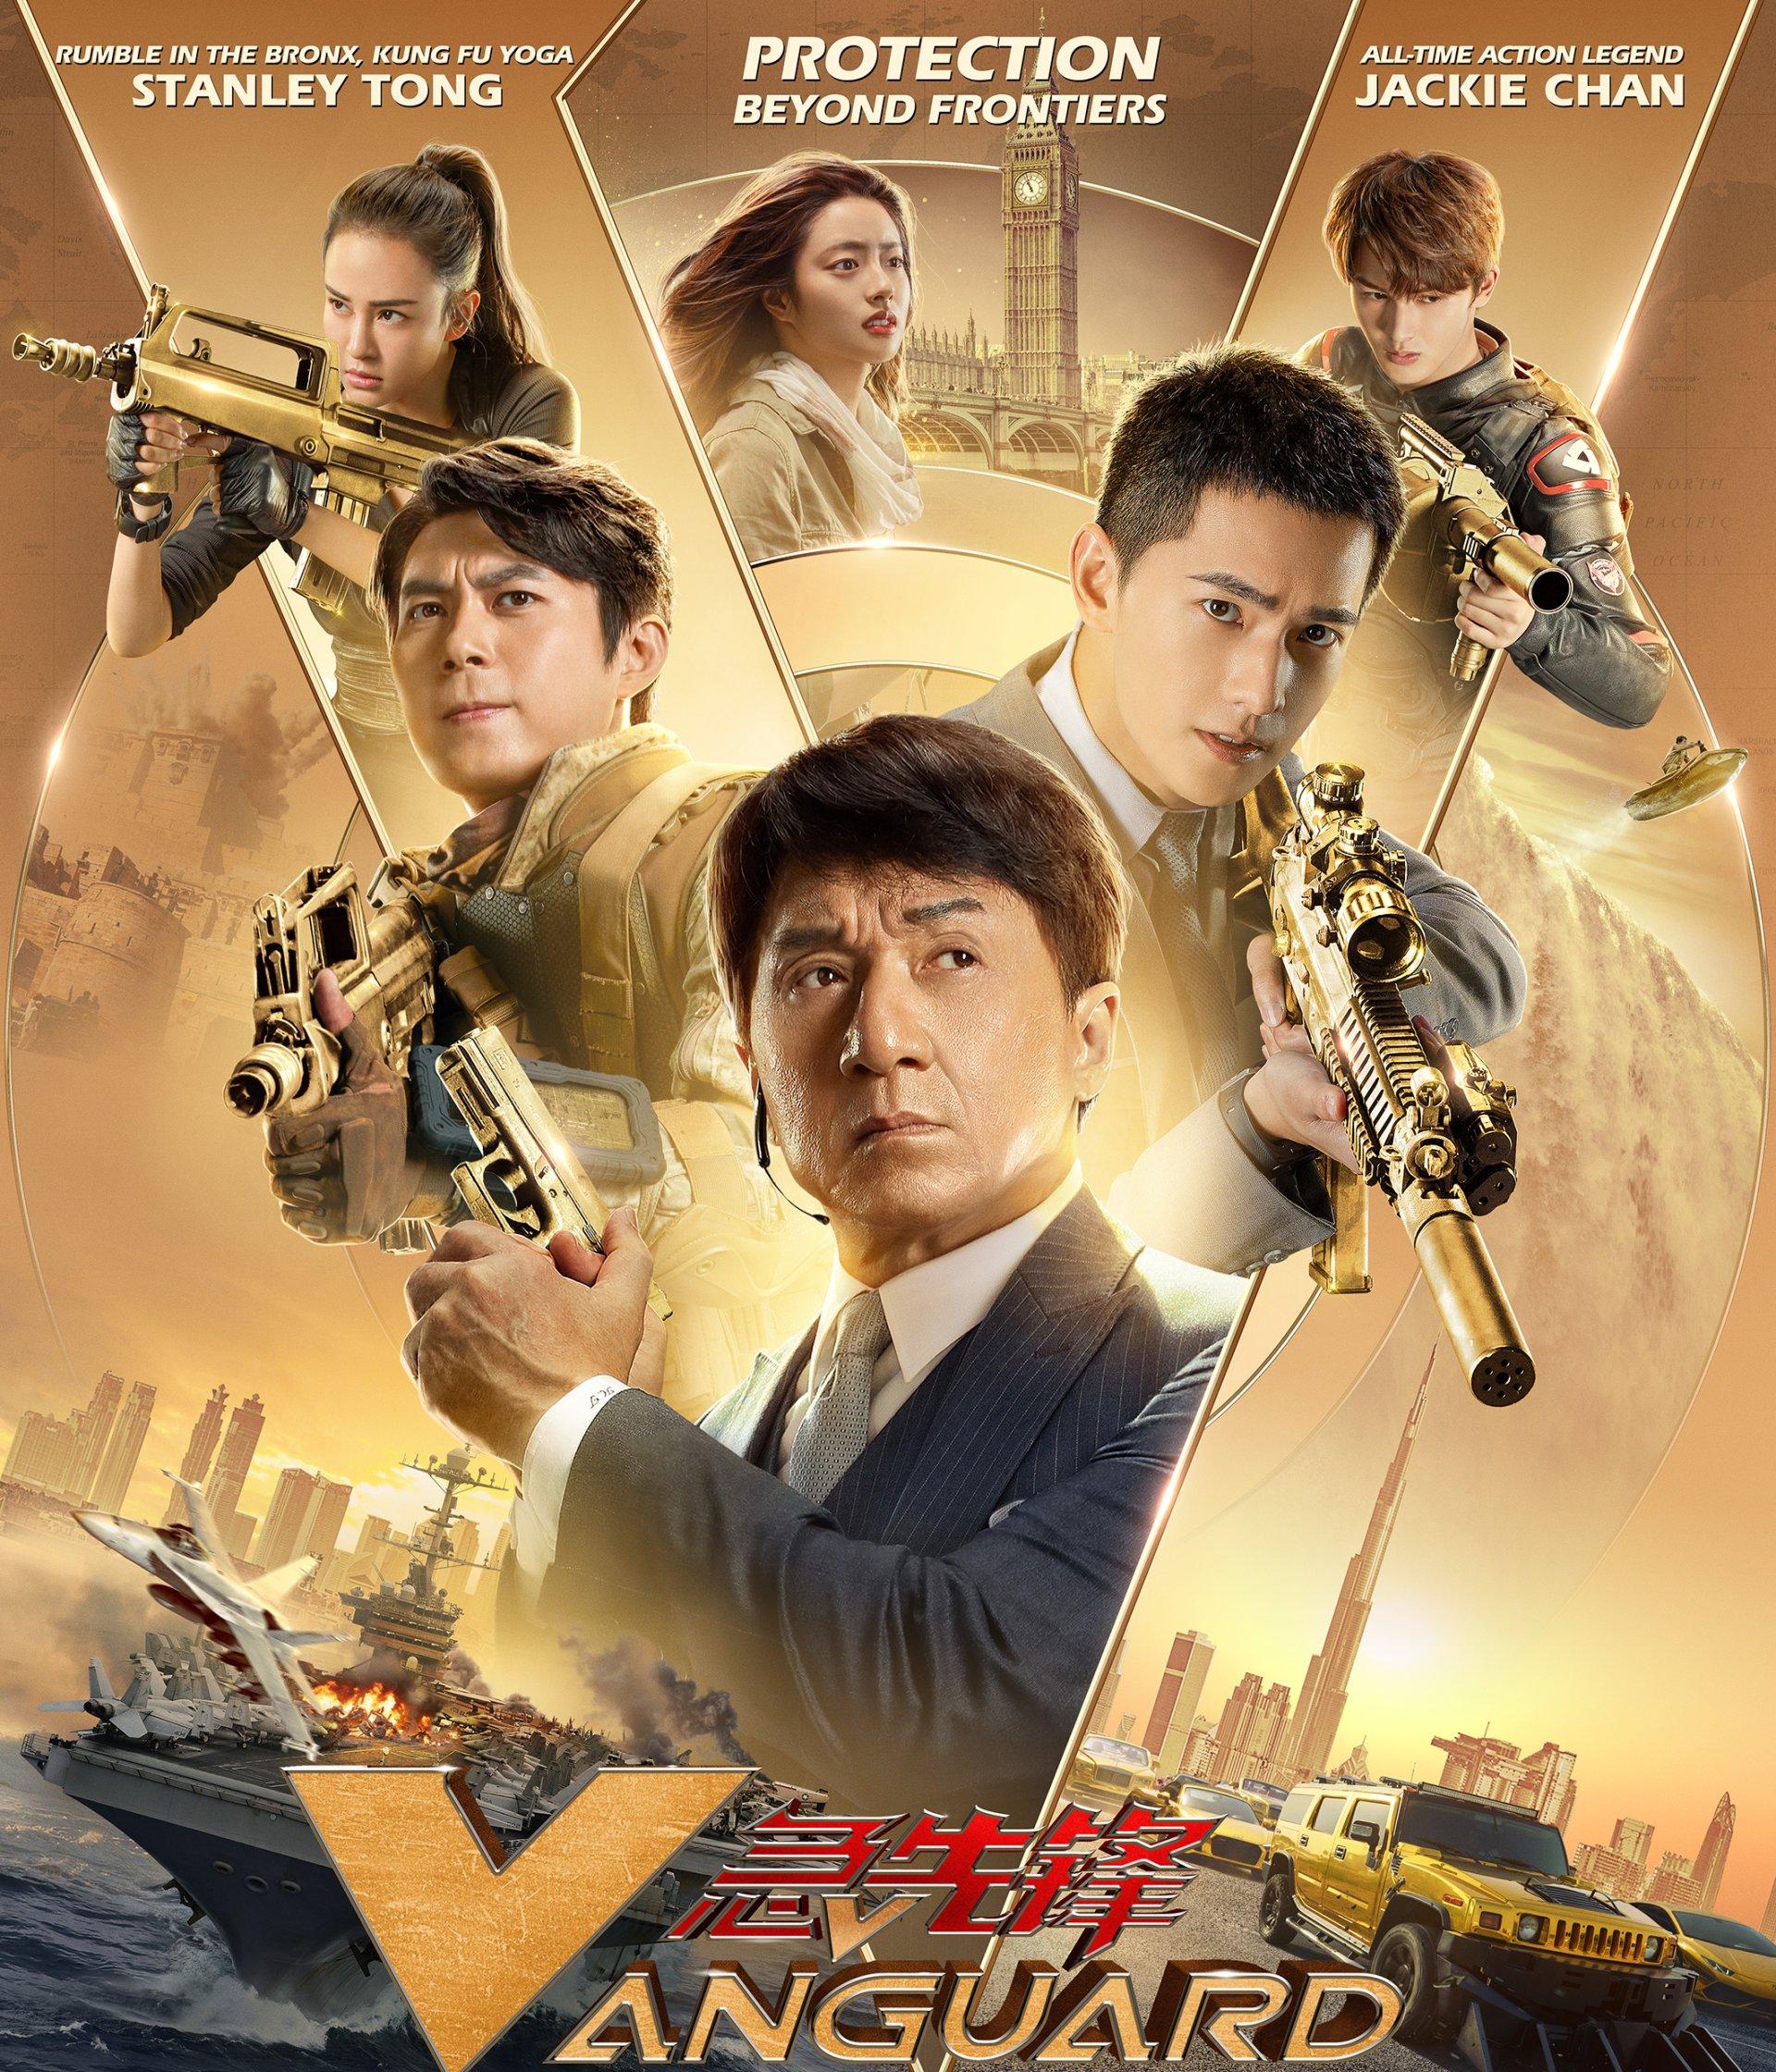 Nonton Film Vanguard (2020) Subtitle Indonesia   cnnxxi